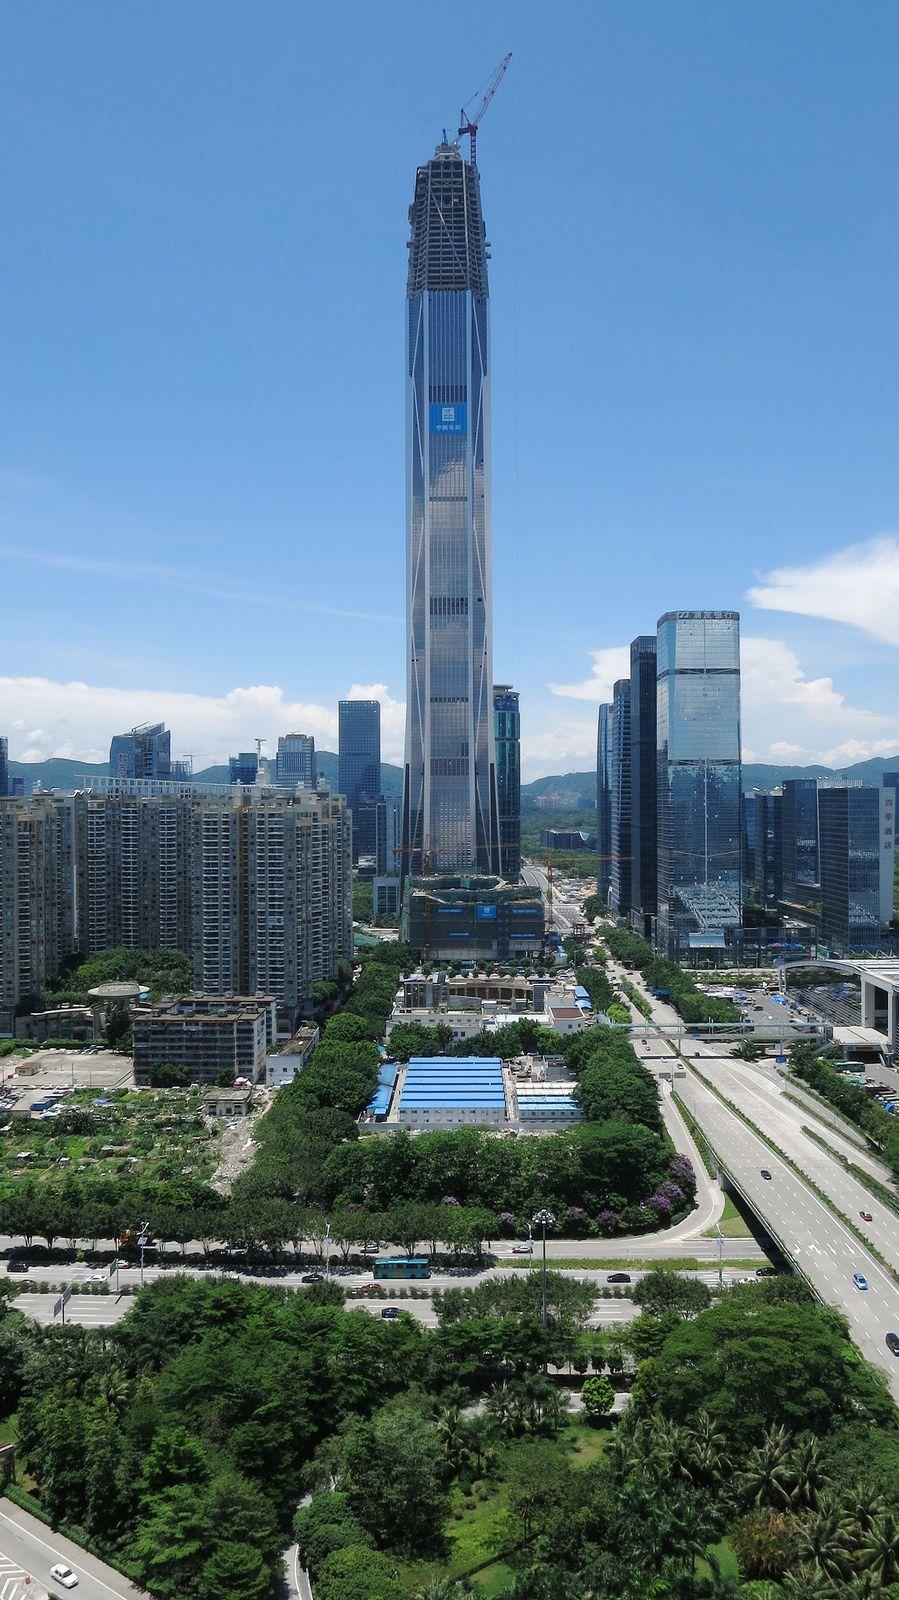 SHENZHEN | Ping An Finance Center | 600m | 1969ft | 115 fl ...